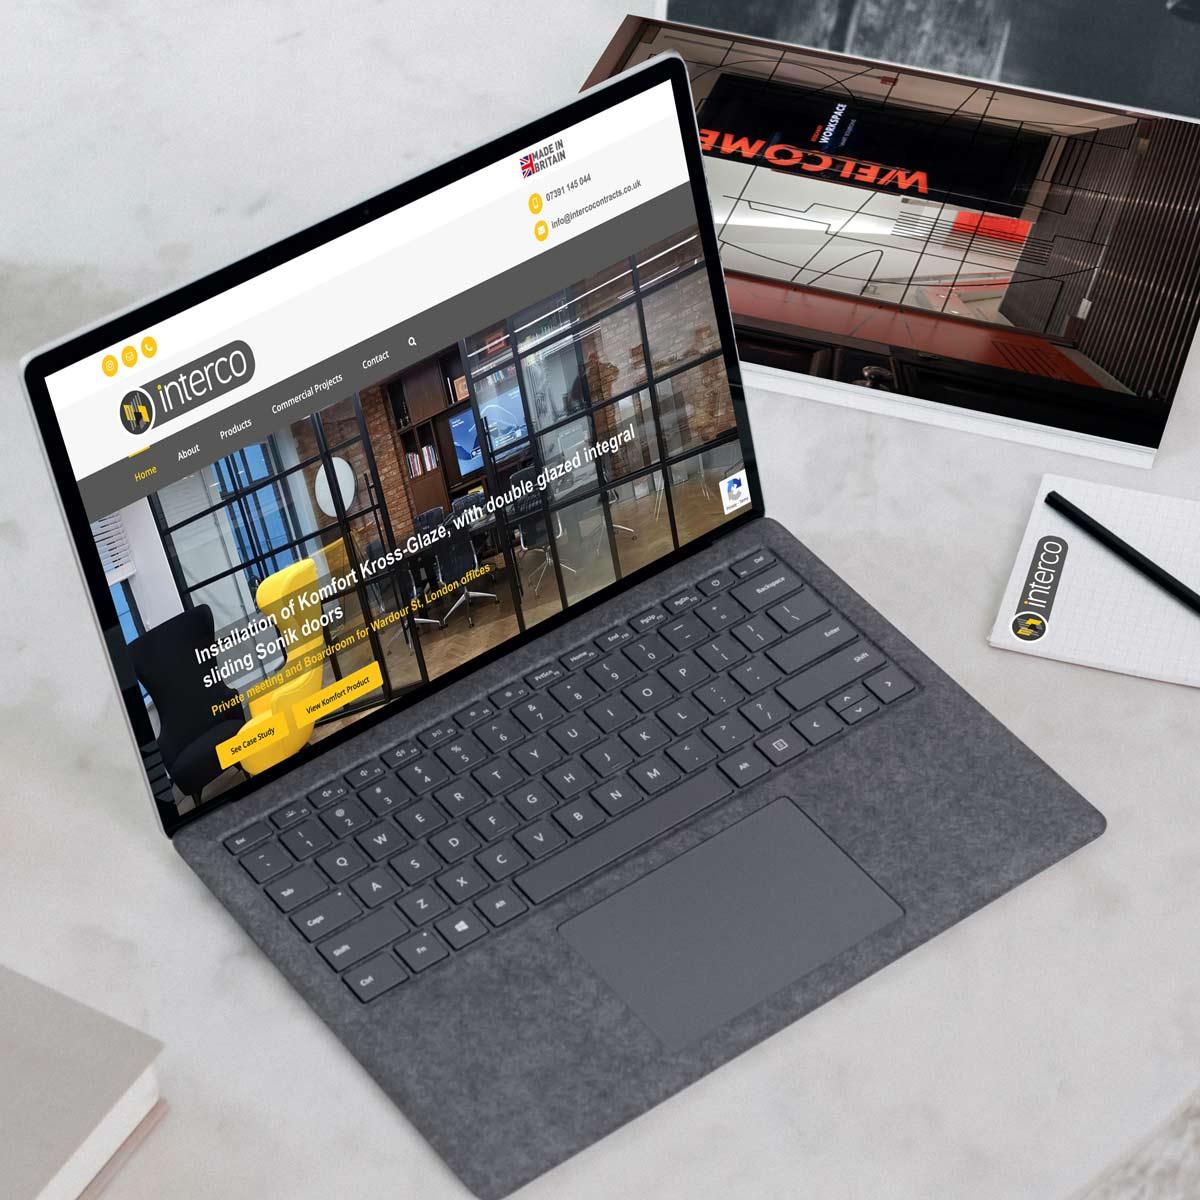 Interco Contracts Website Design